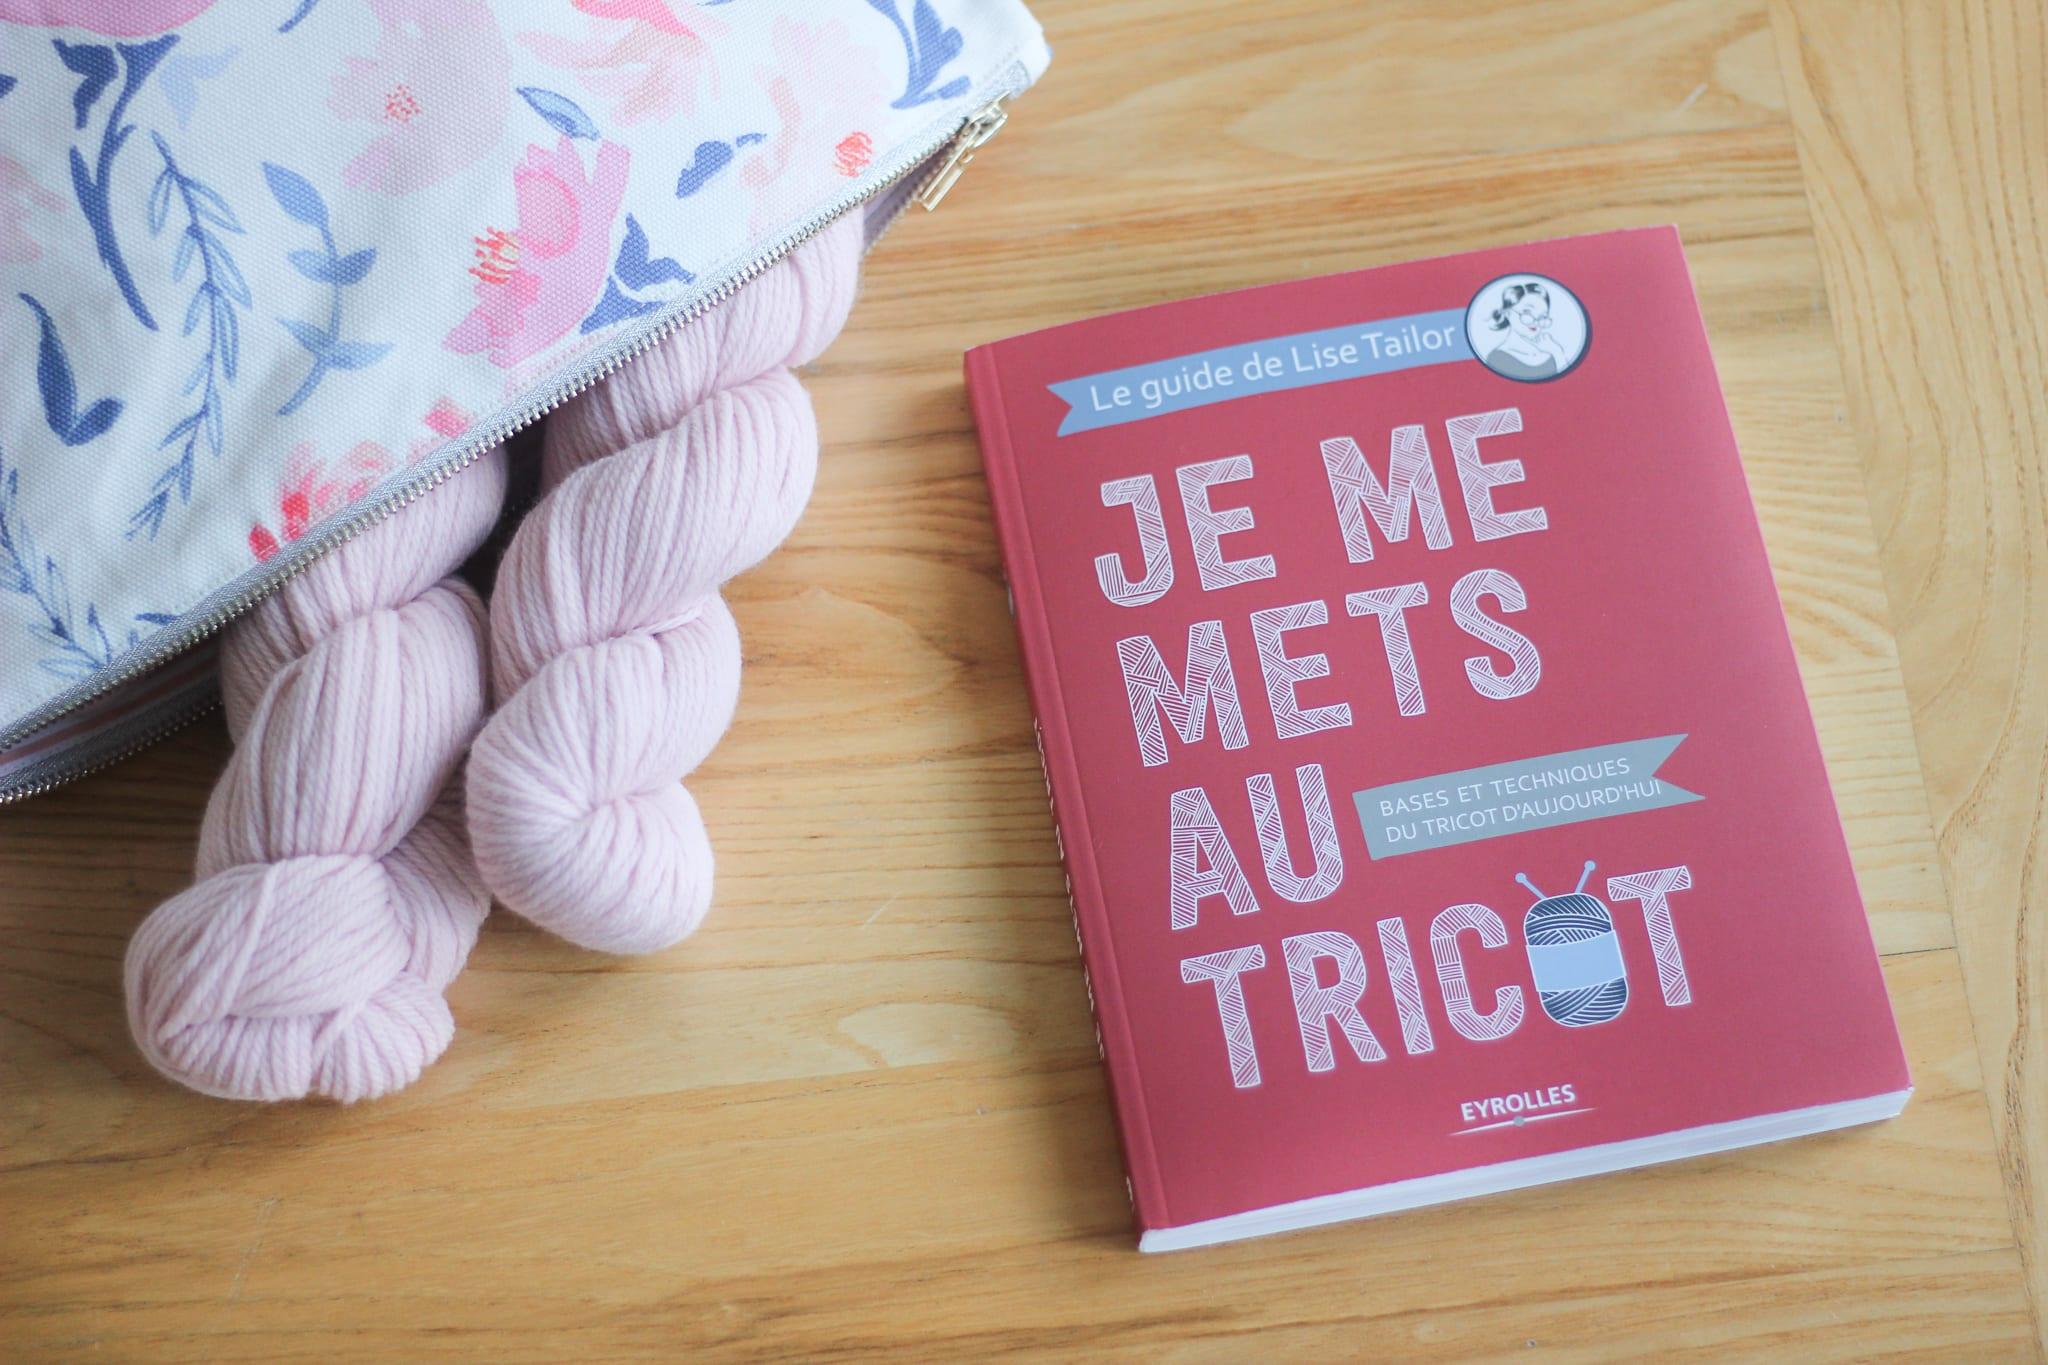 J Ai Ecrit Un Livre Je Me Mets Au Tricot Lise Tailor